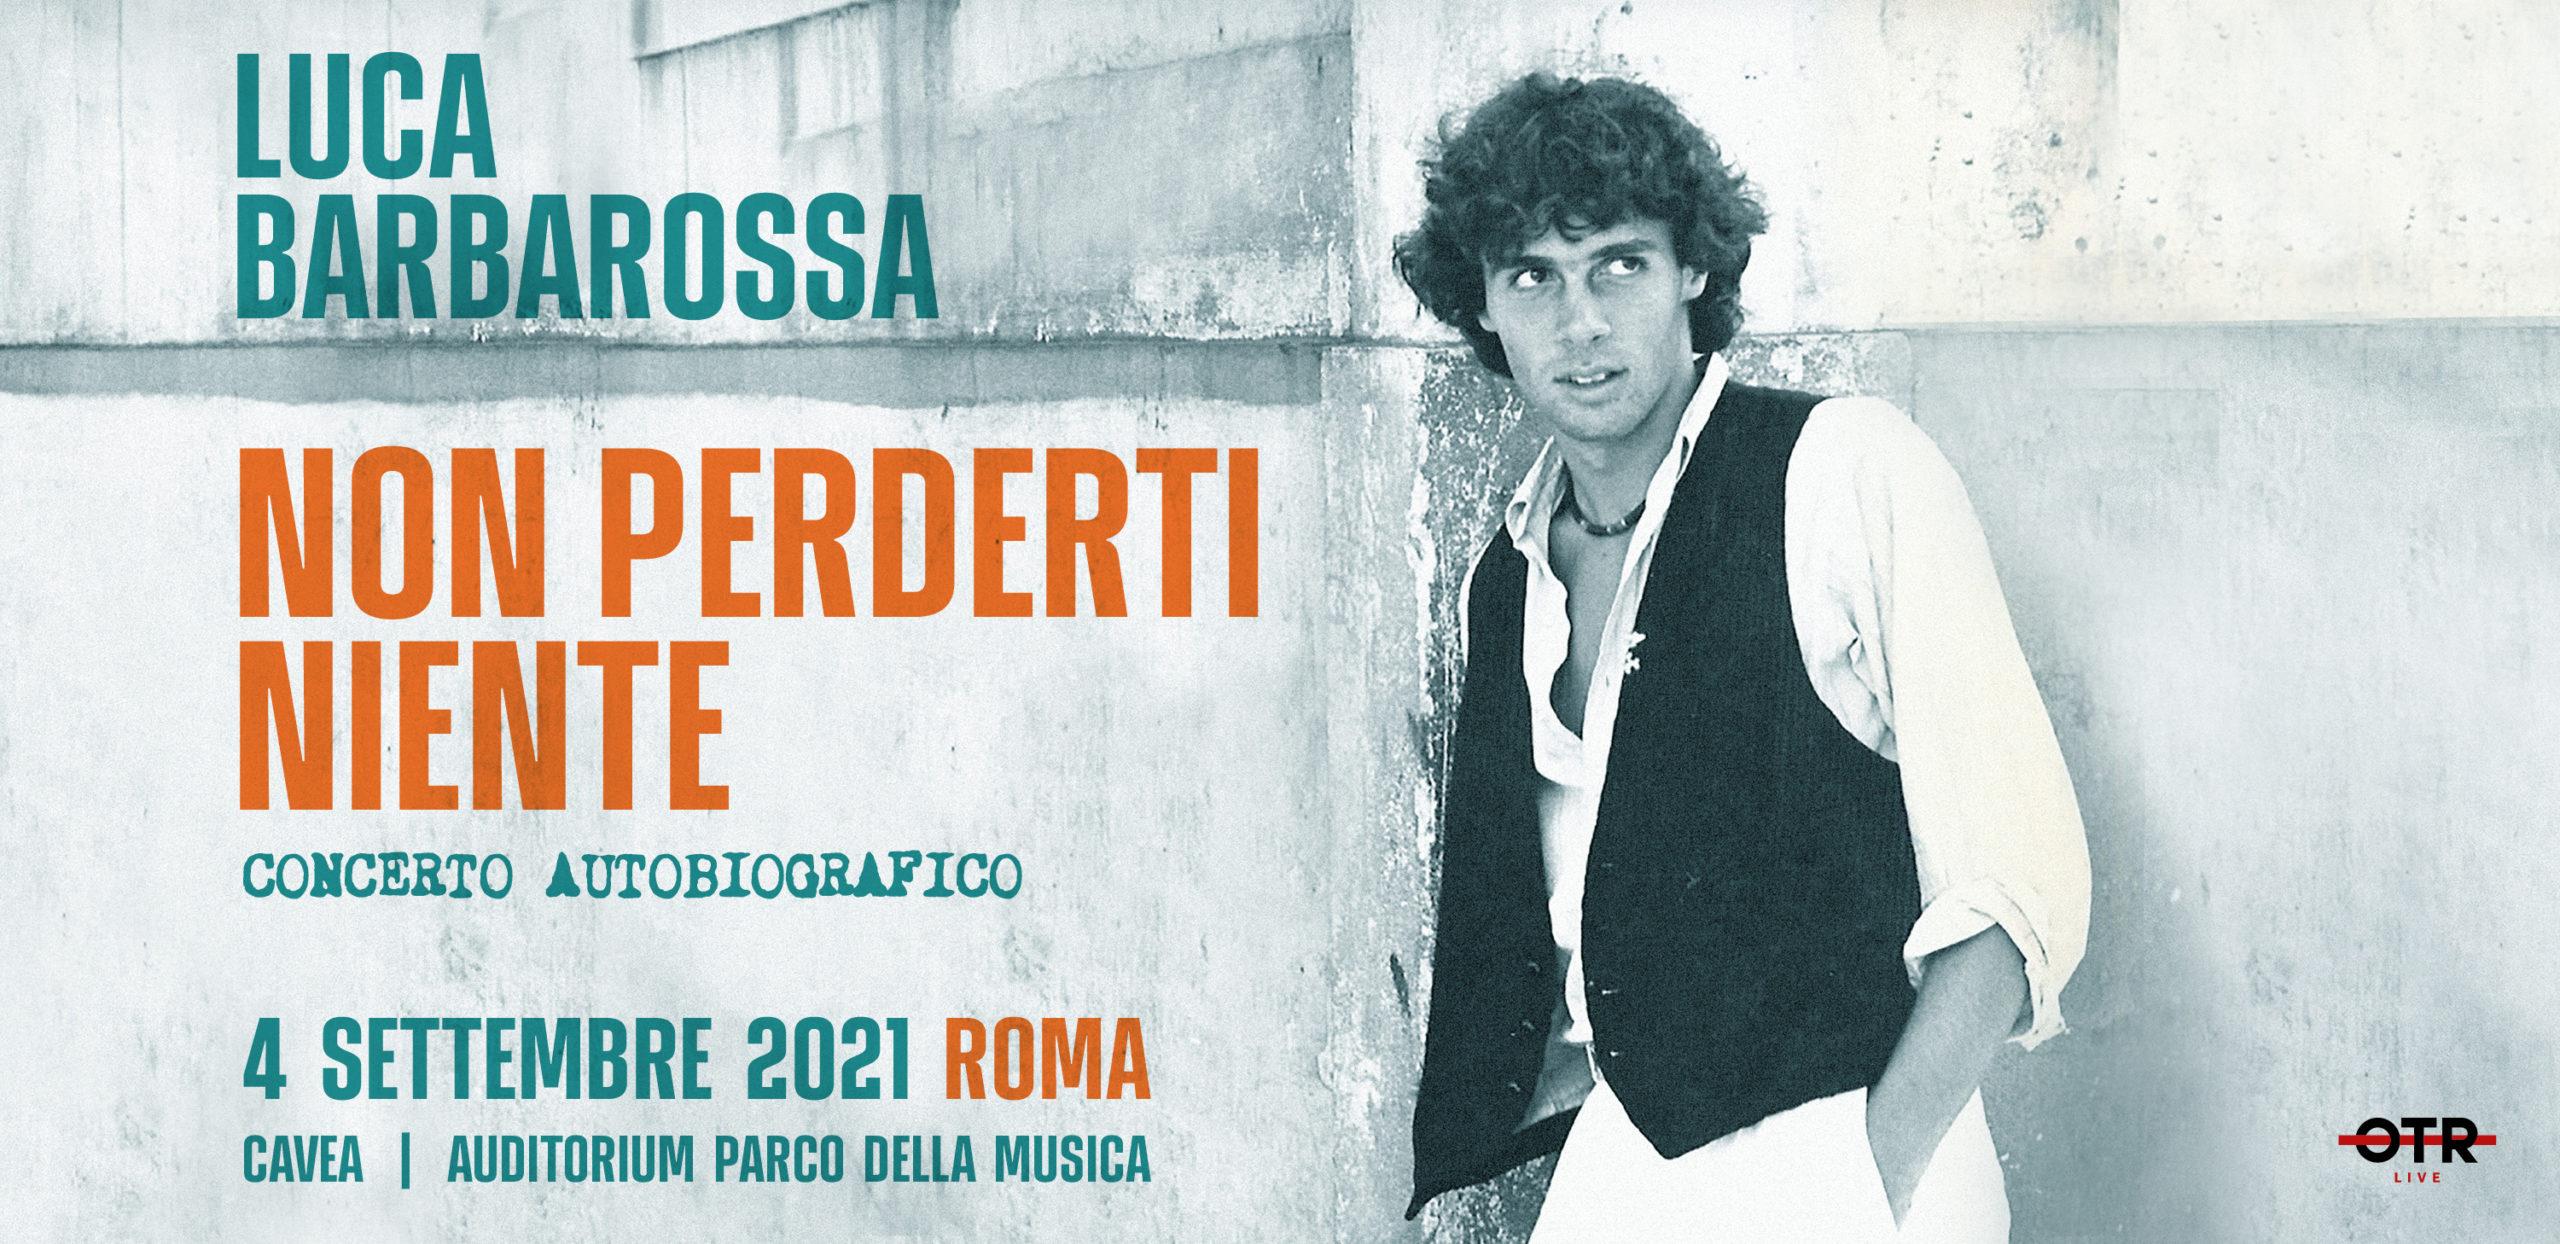 Luca Barbarossa Cavea Auditorium 4 settembre 2021